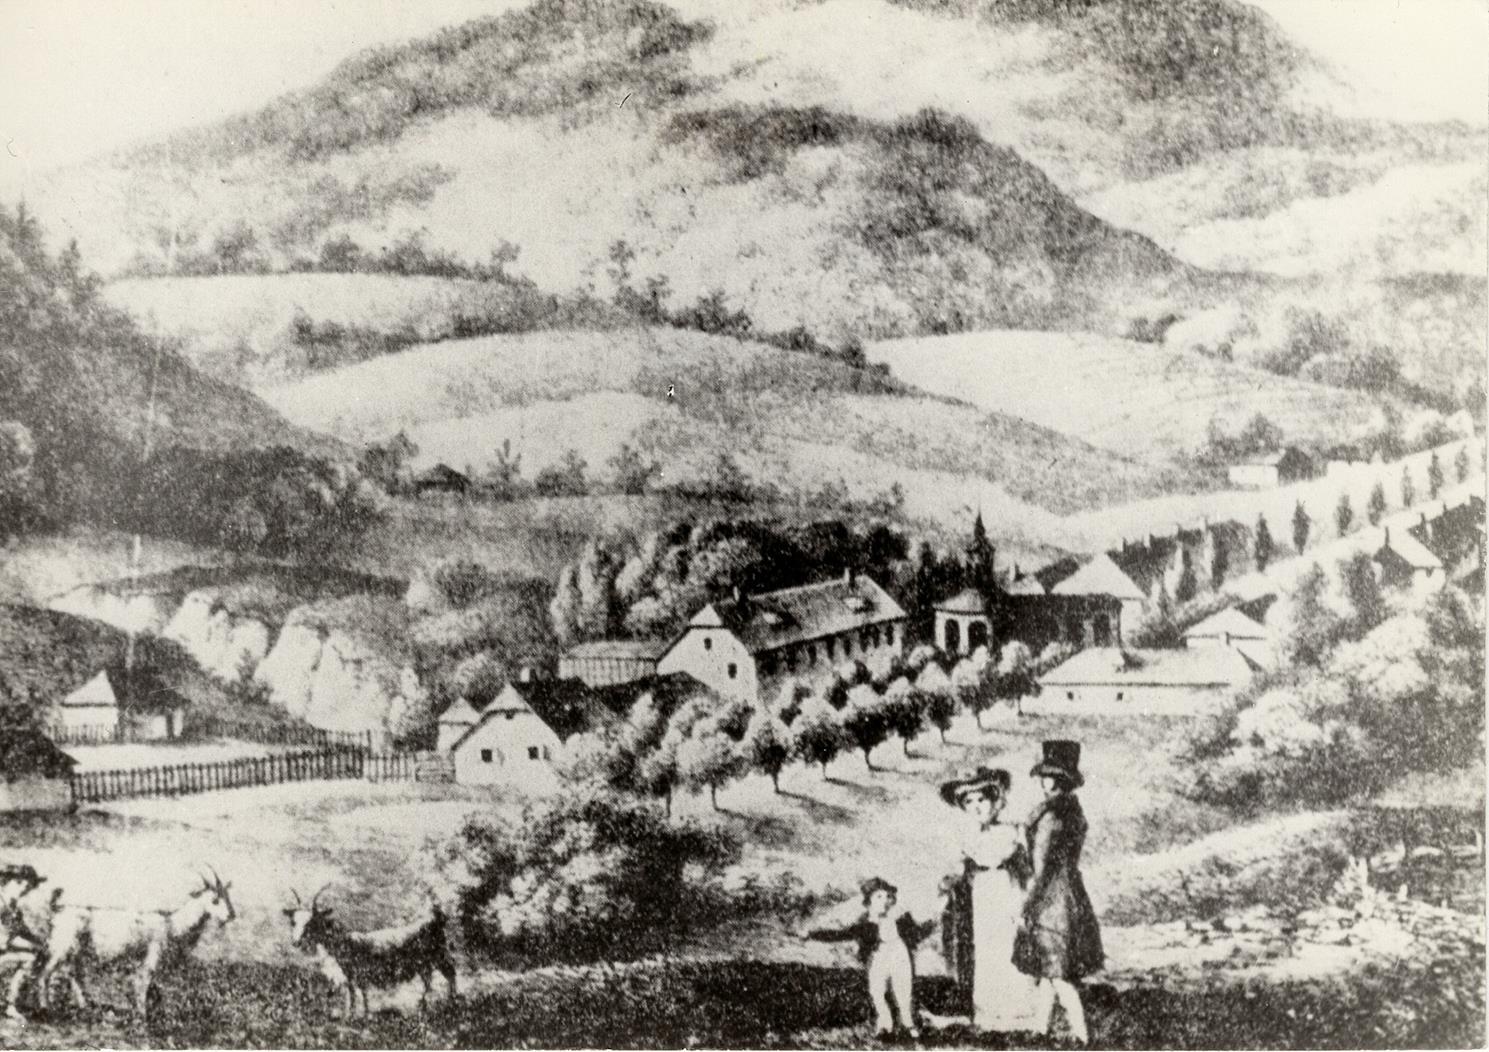 Krynica w 1807 r. - widać pierwsze obiekty uzdrowiskowe: Pijalnię zw. 'Domkiem Chińskim', domy zdrojowe i aleję drzew na Deptaku